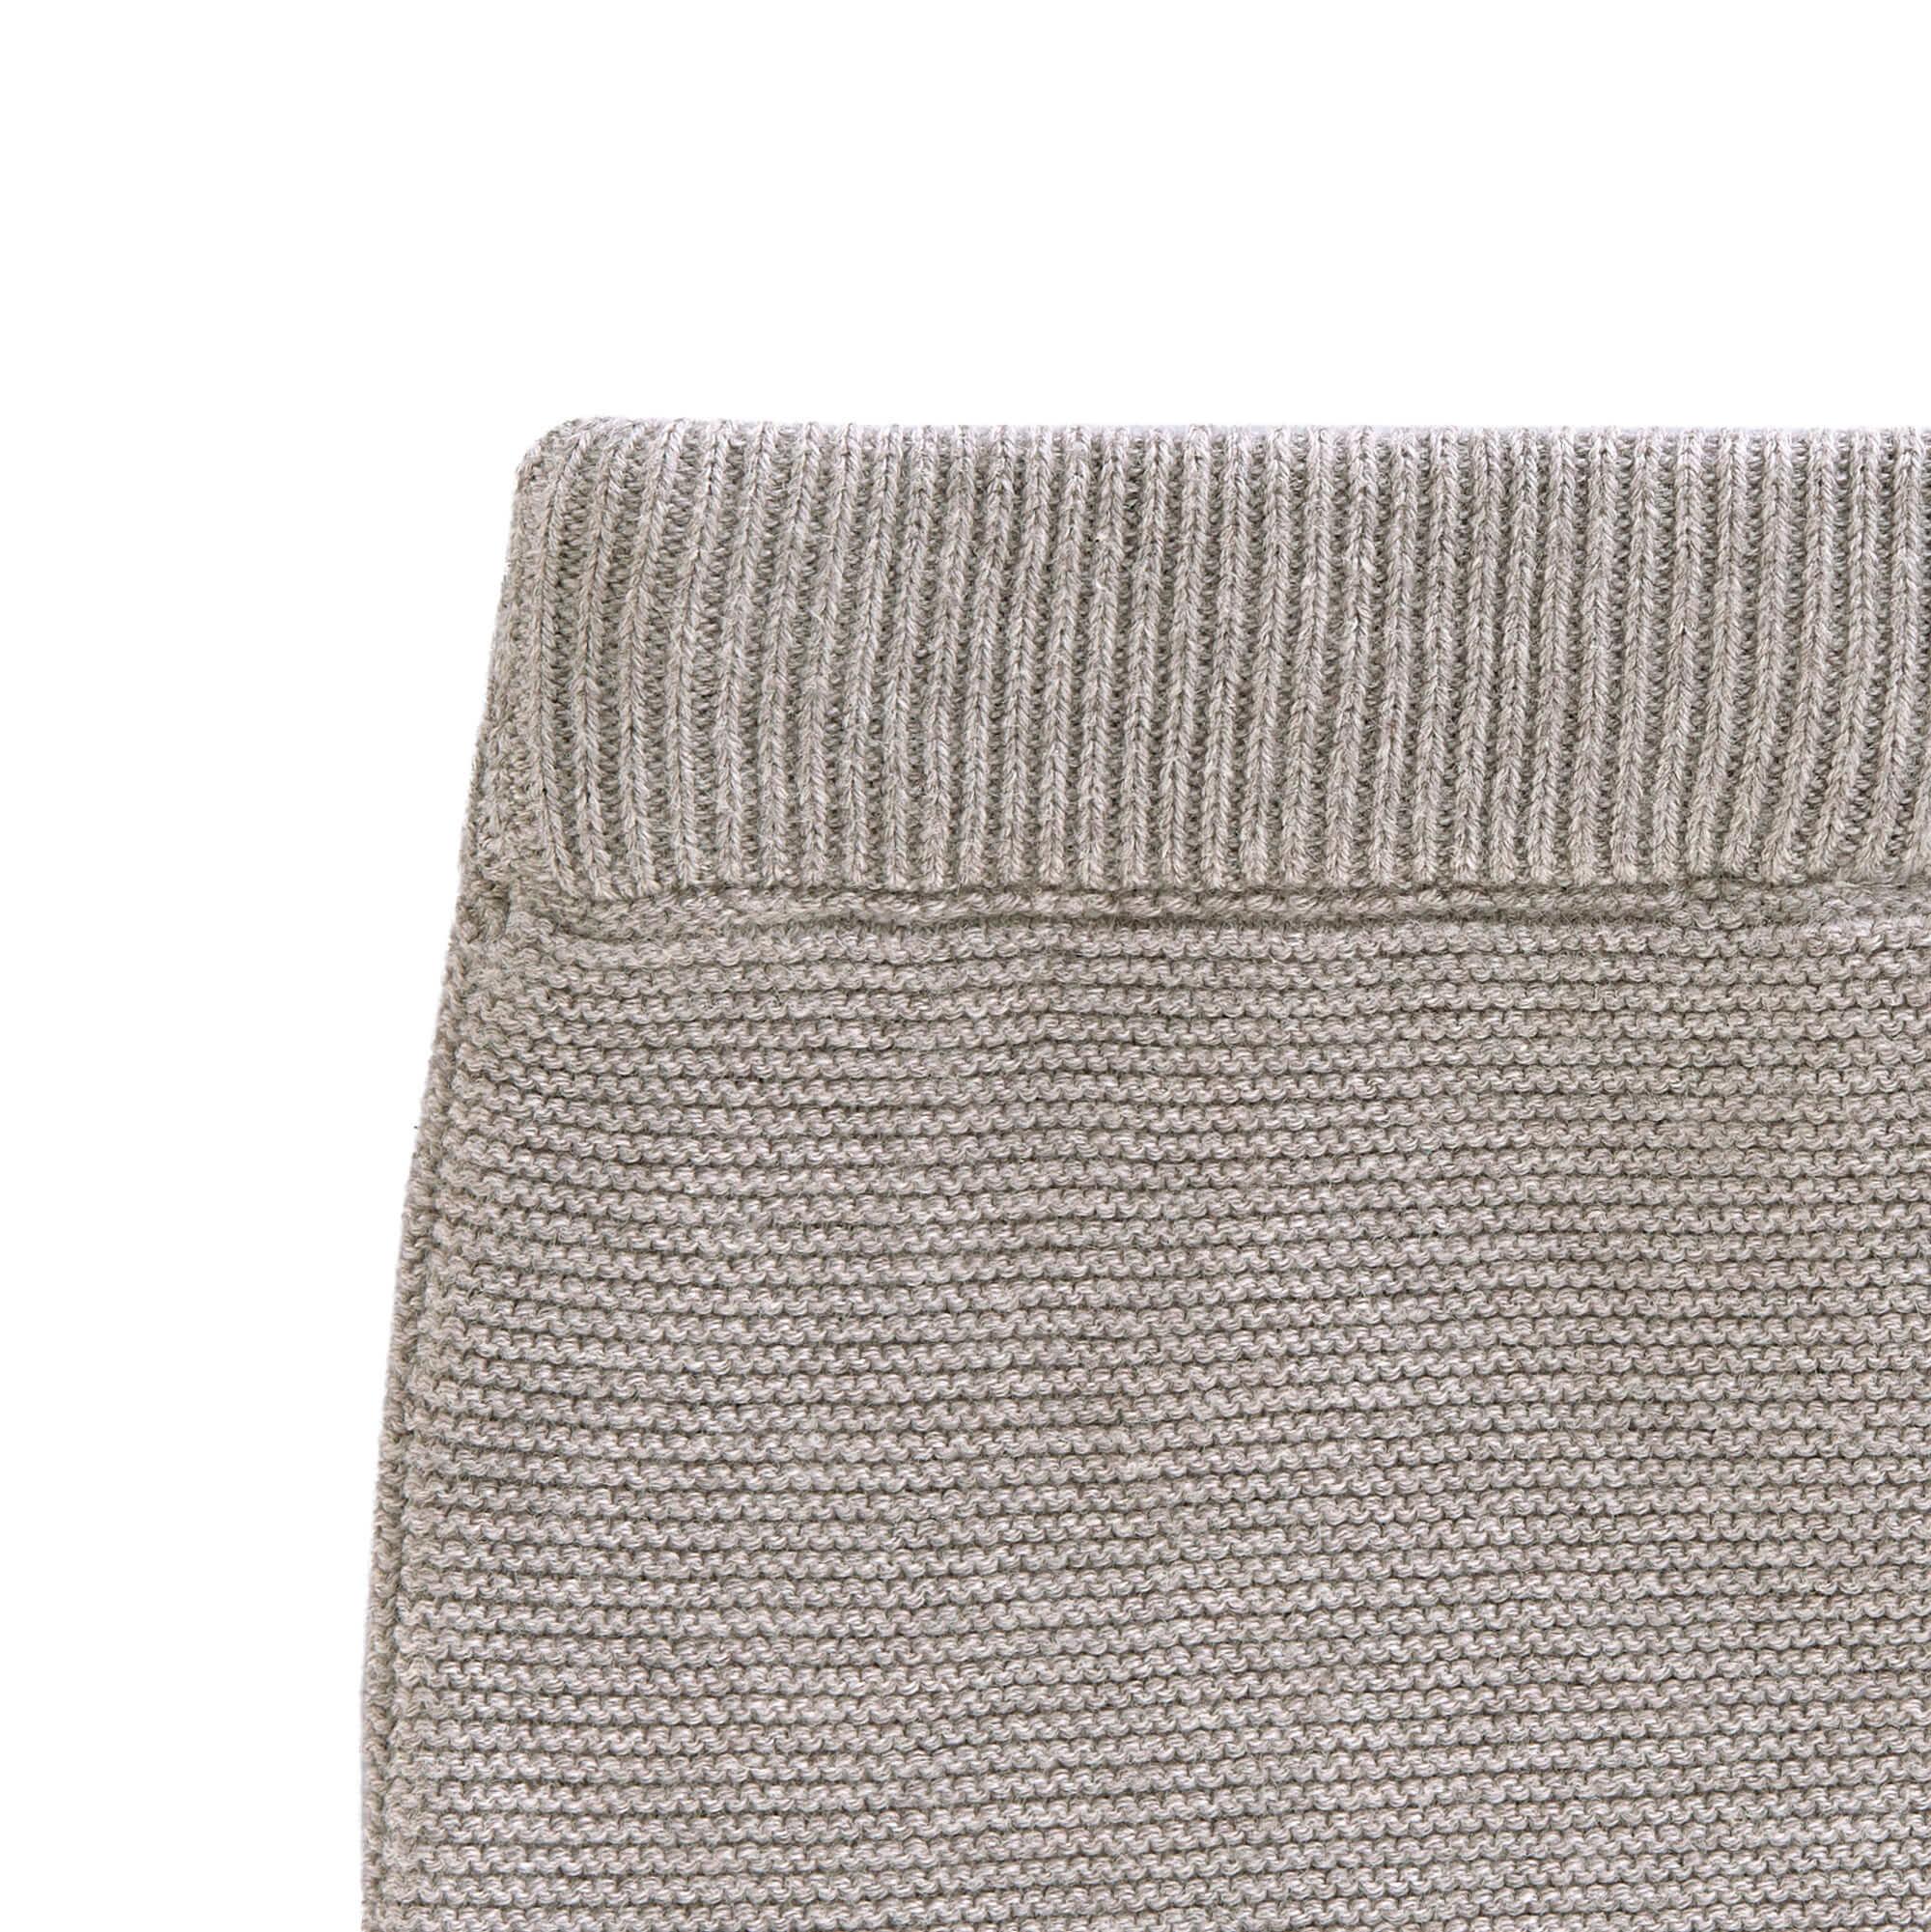 Lässig Lässig gebreide baby broek GOTS Garden Explorer grey 62-68, 2-6 mnd